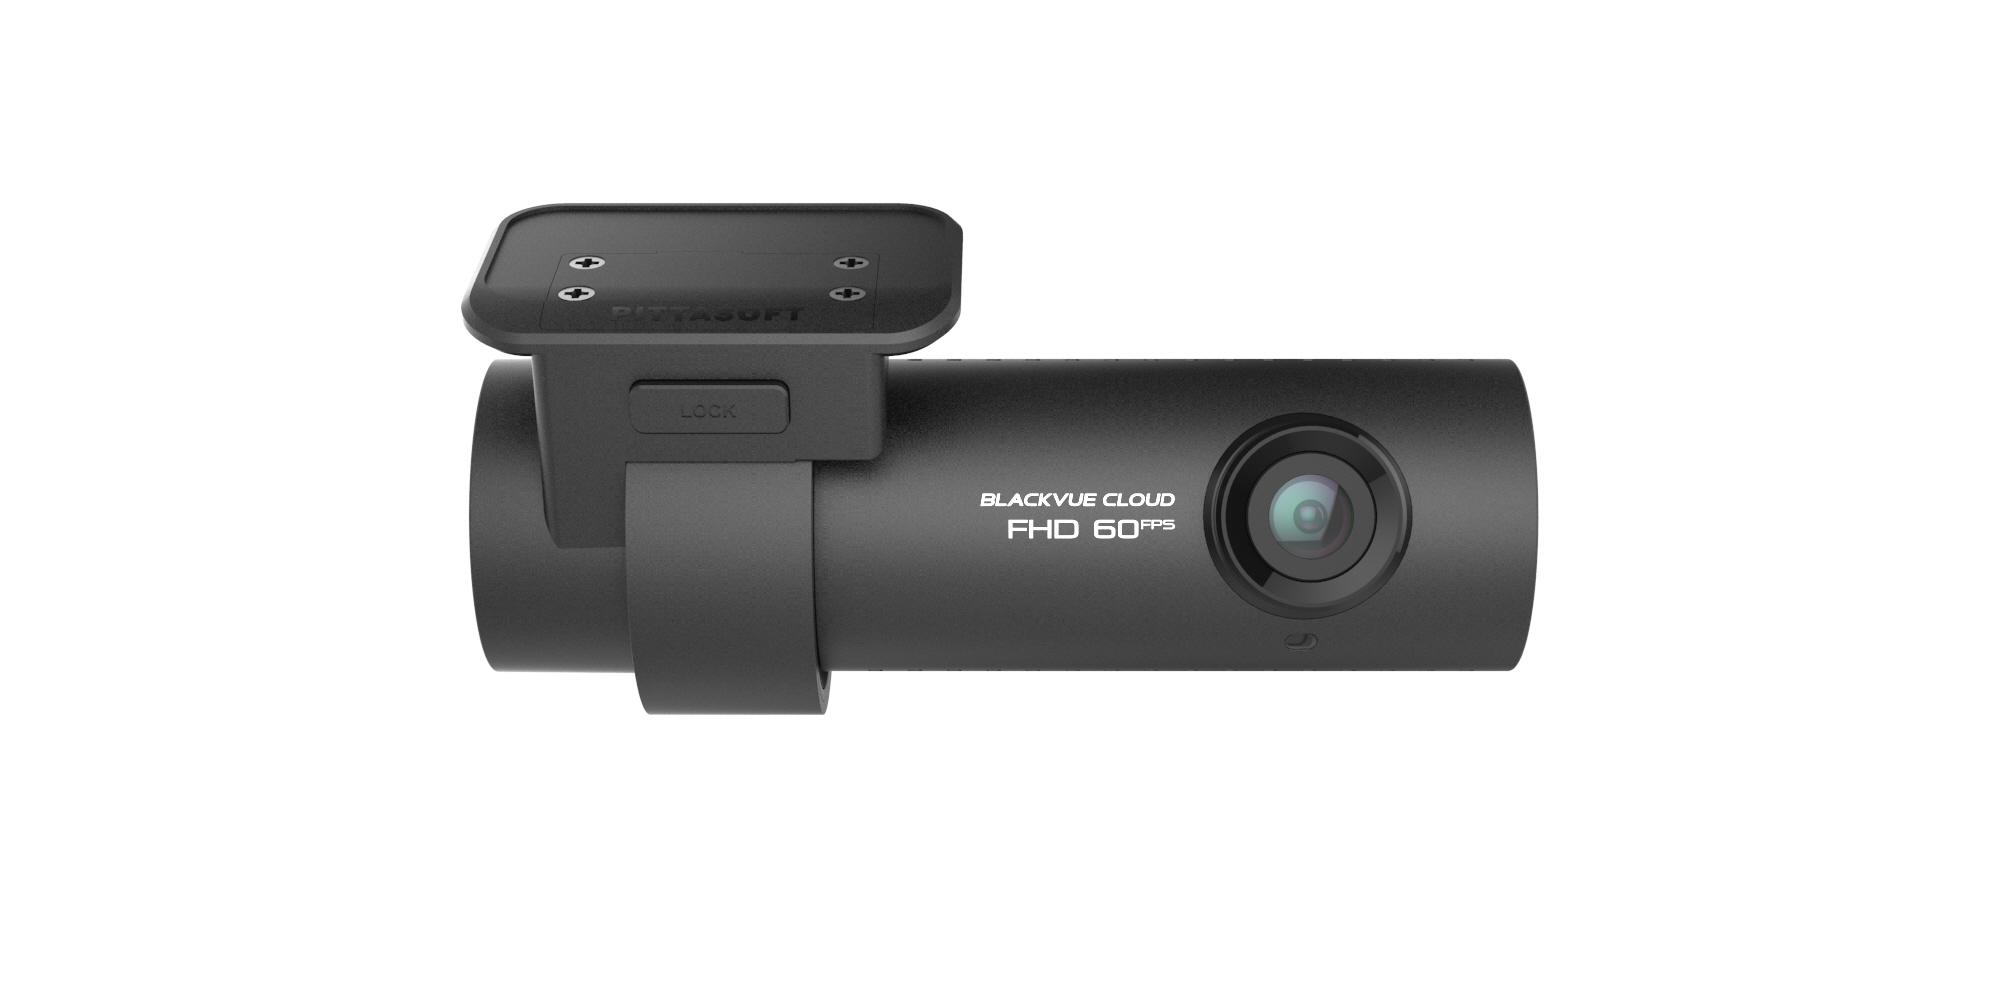 DR750S 2CH Двухканальный видеорегистратор  Blackvue